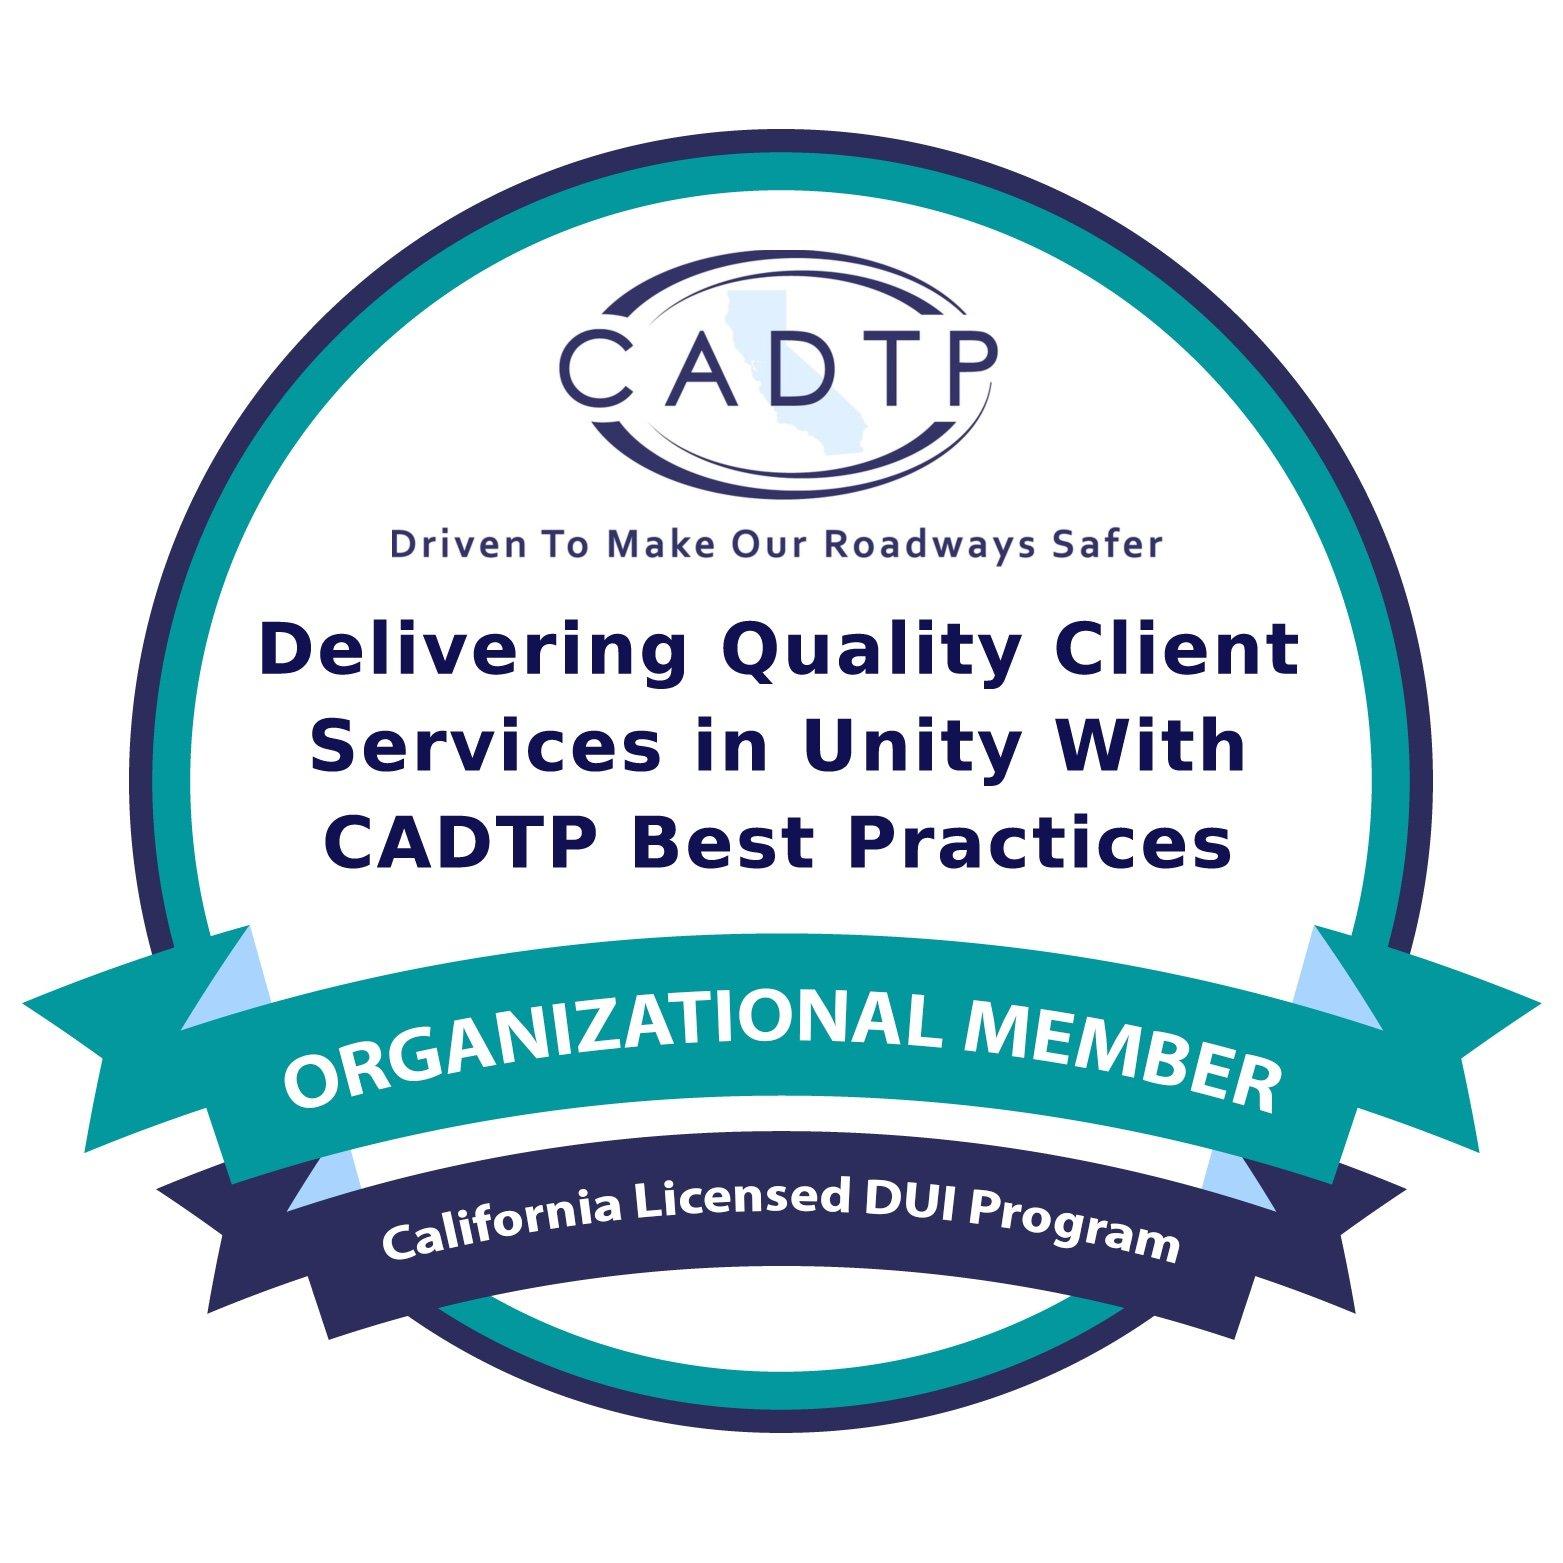 CADTP Organizational Member Badge